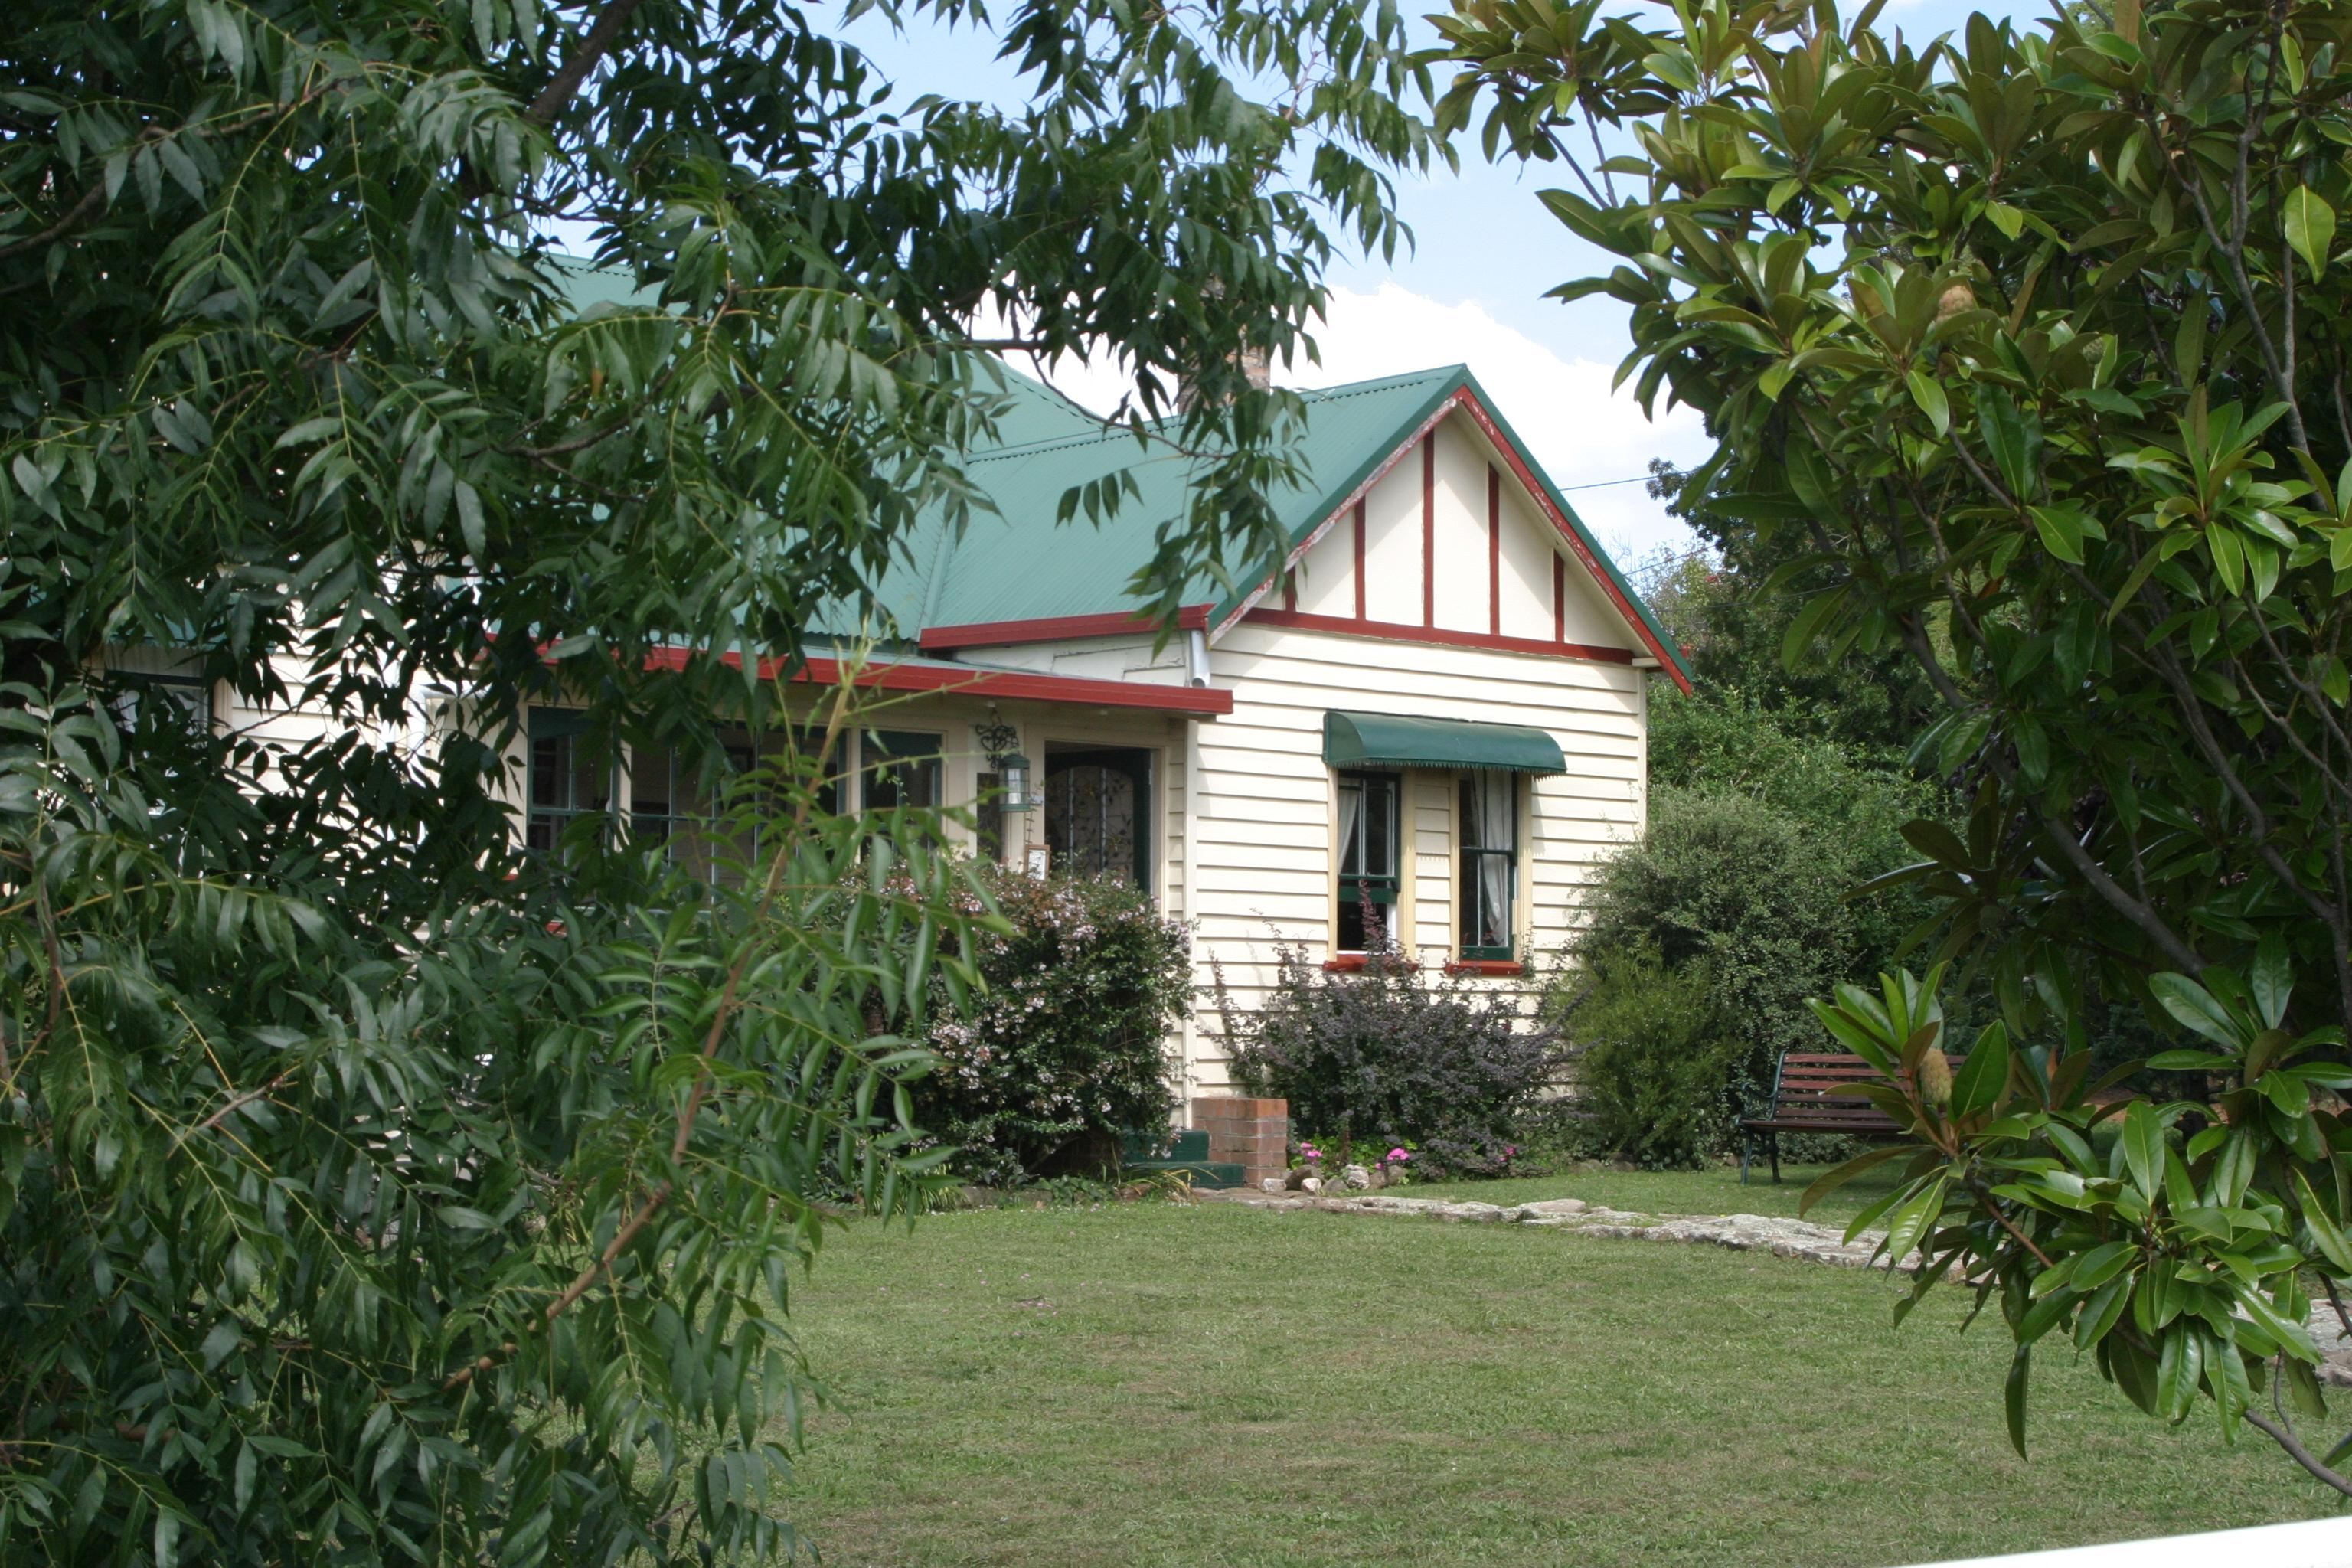 The Sharron Park homestead